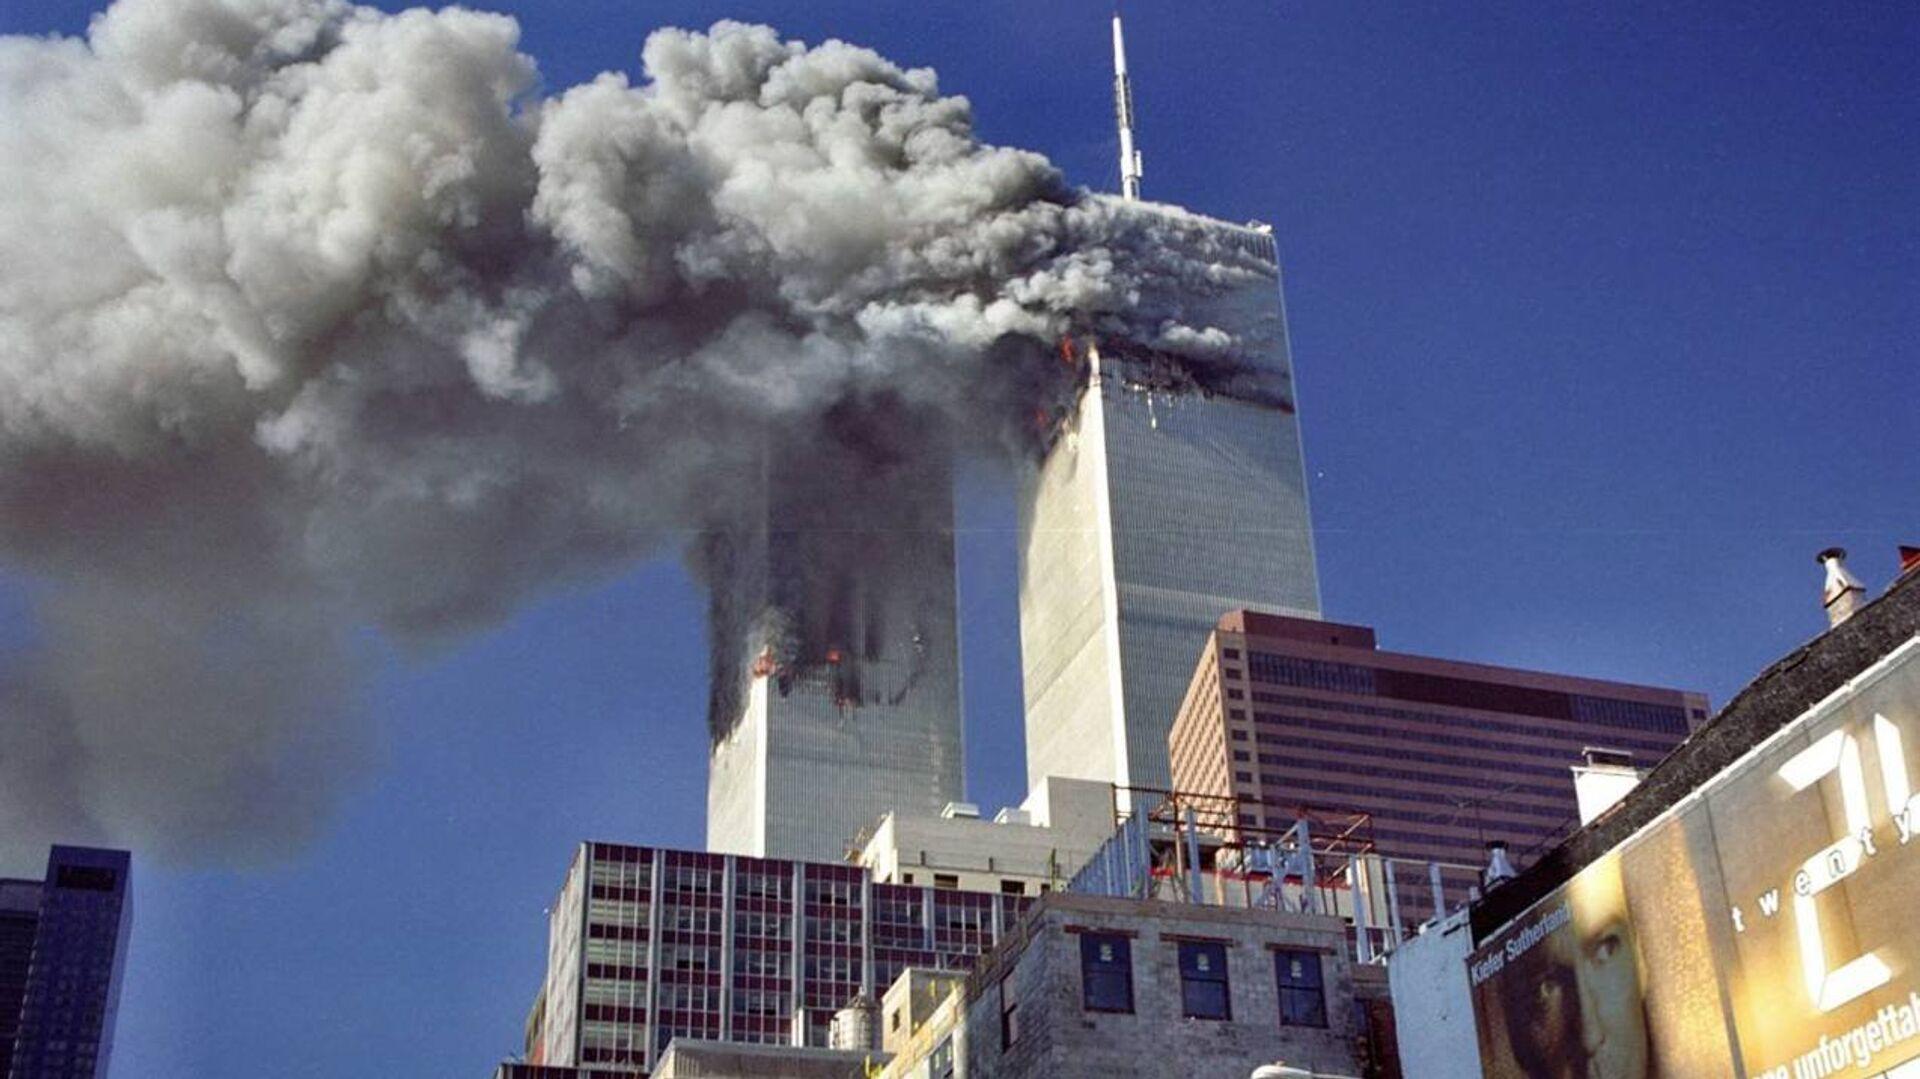 Teroristički napad na Svetski trgovinski centar u Njujorku 11. septembara 2001. godine  - Sputnik Srbija, 1920, 10.09.2021